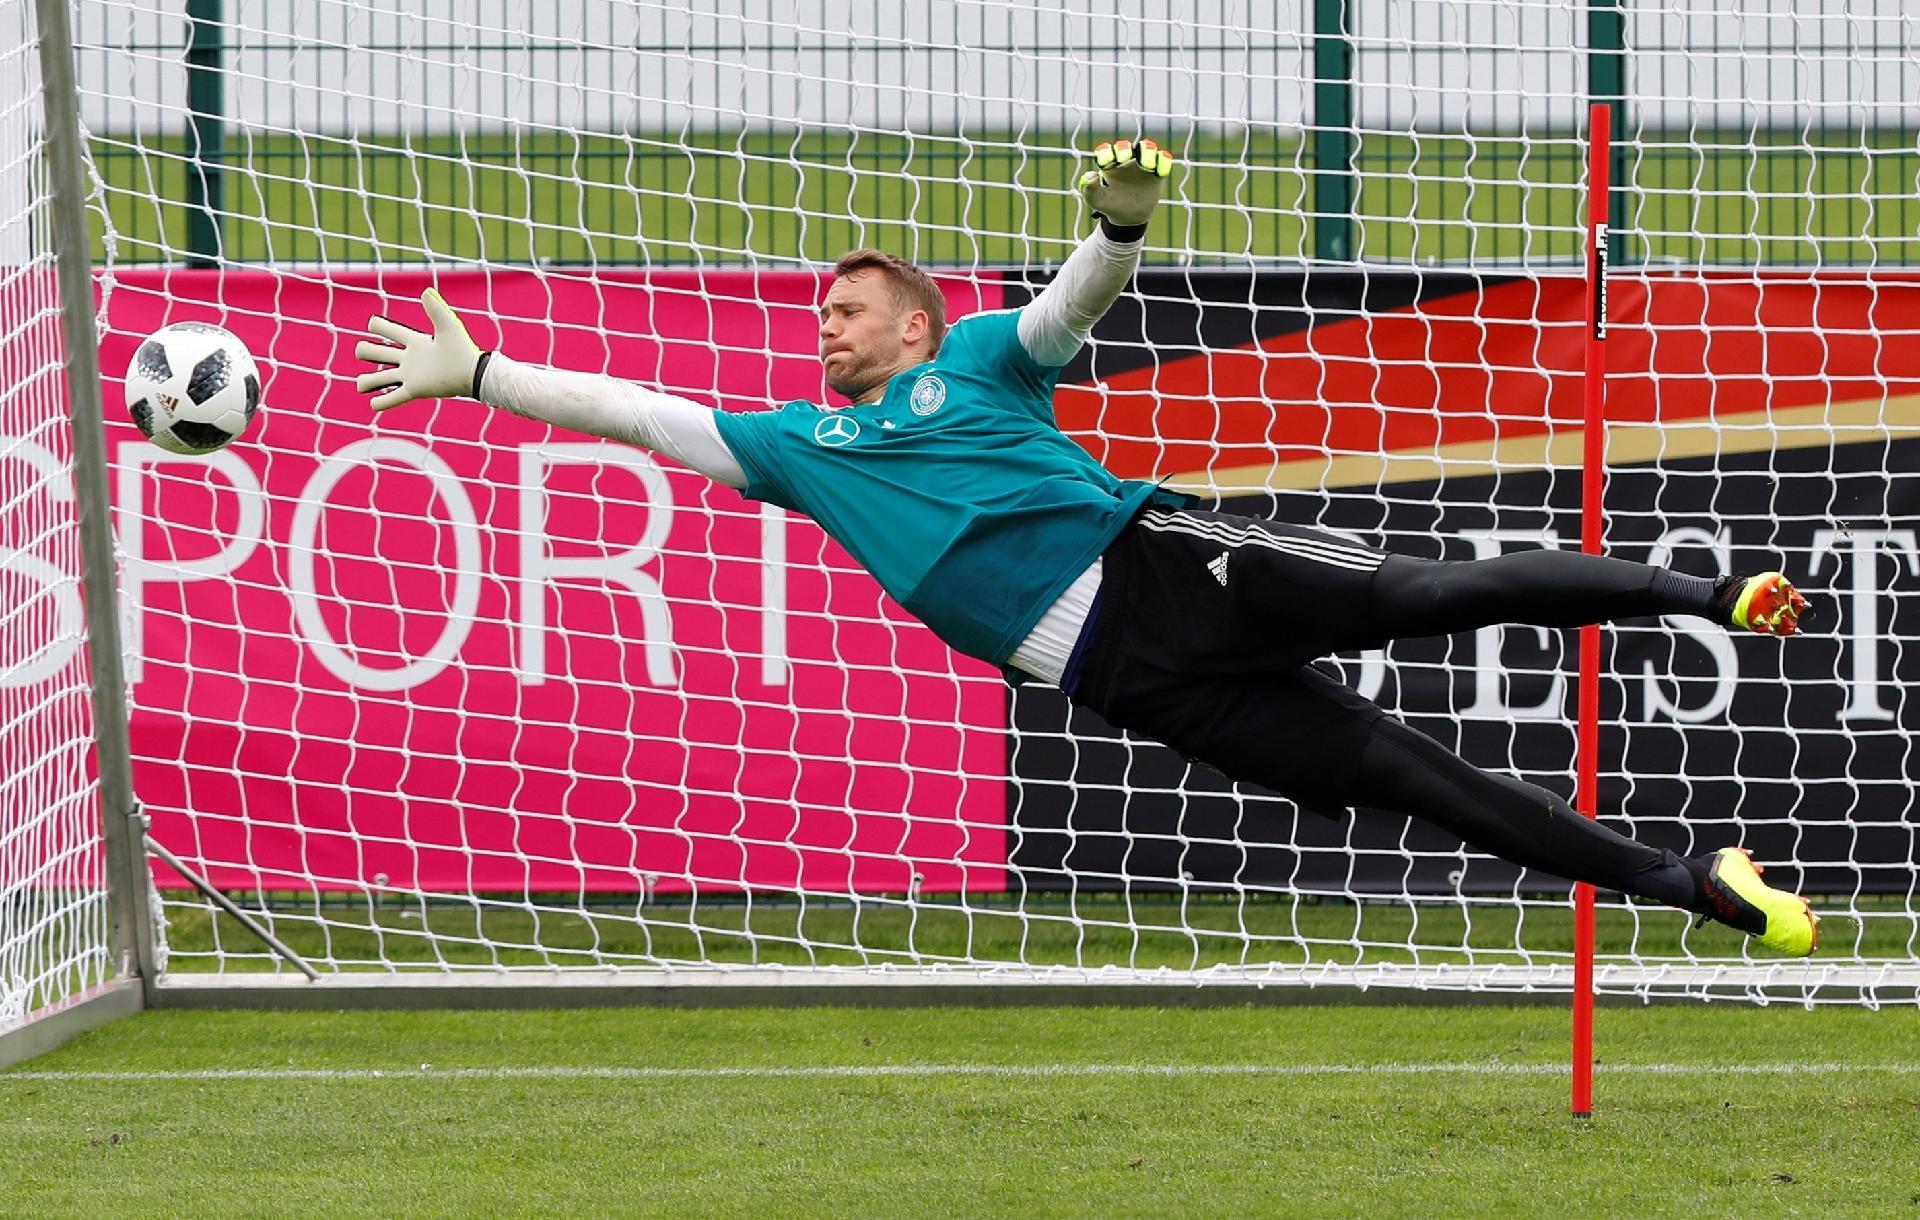 d55d08650cc6e Convocação da Alemanha  Veja a lista de convocados da seleção - UOL Copa do  Mundo 2018